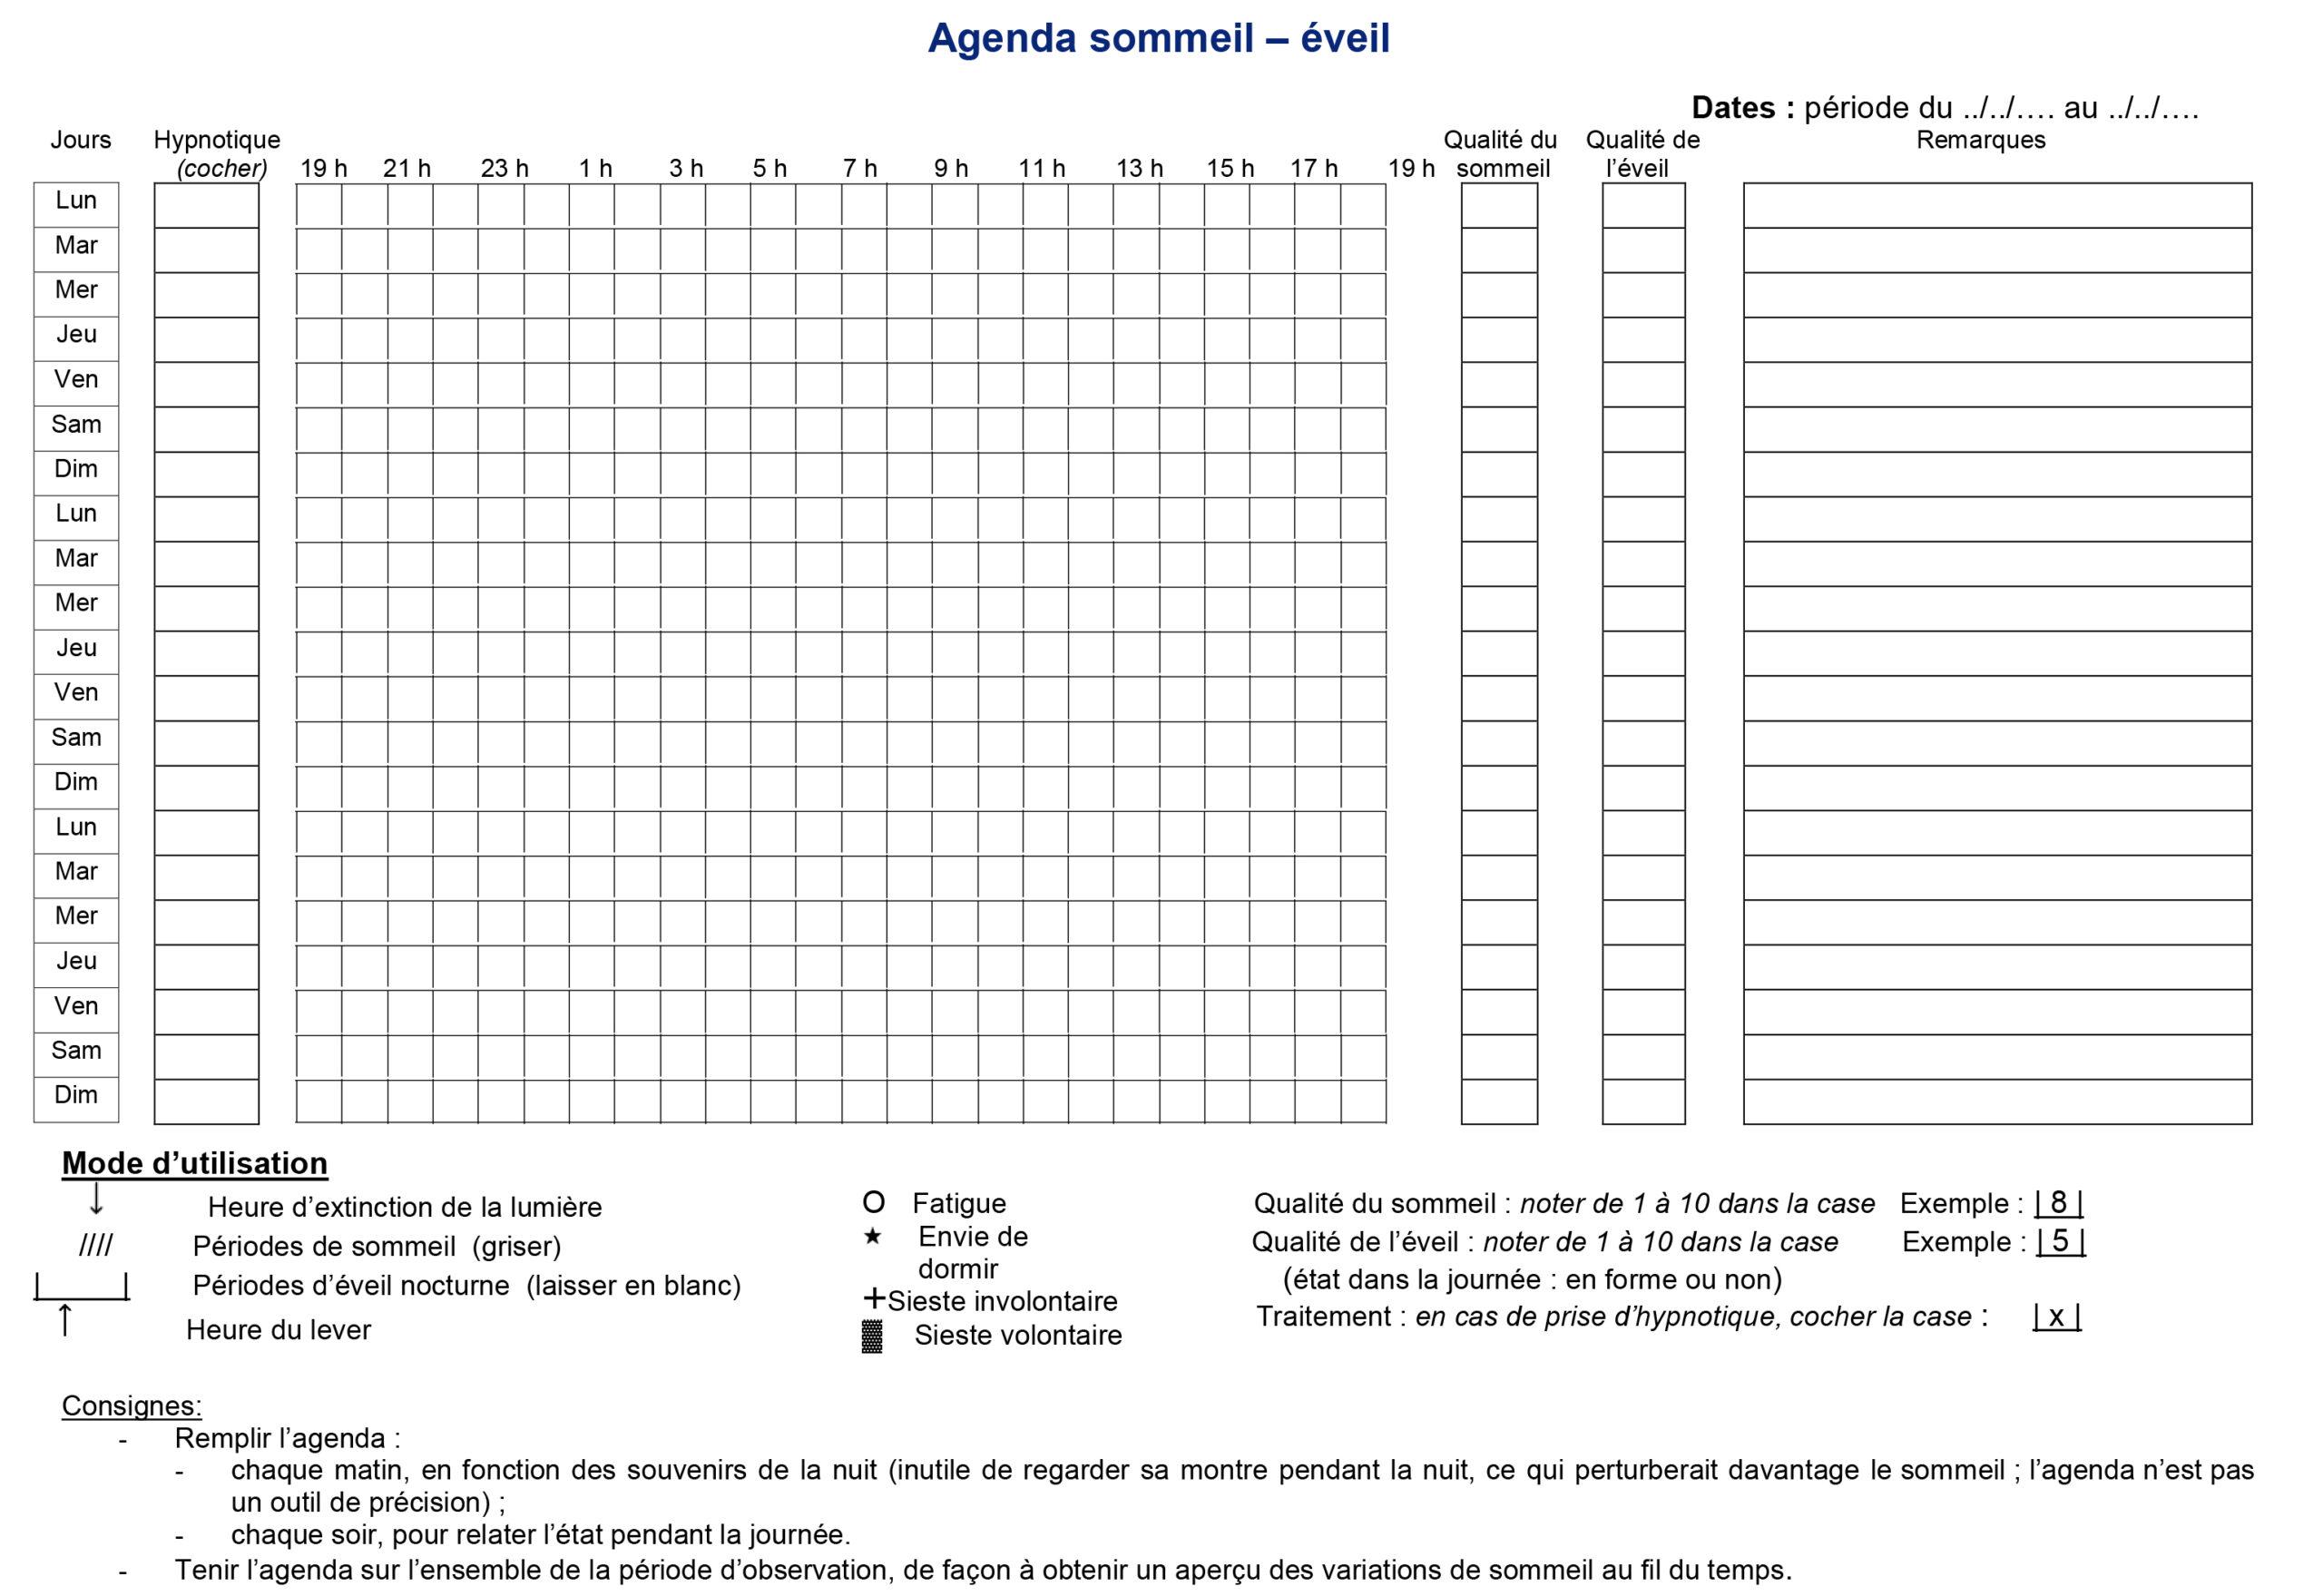 AgendaSommeilFRFV0905